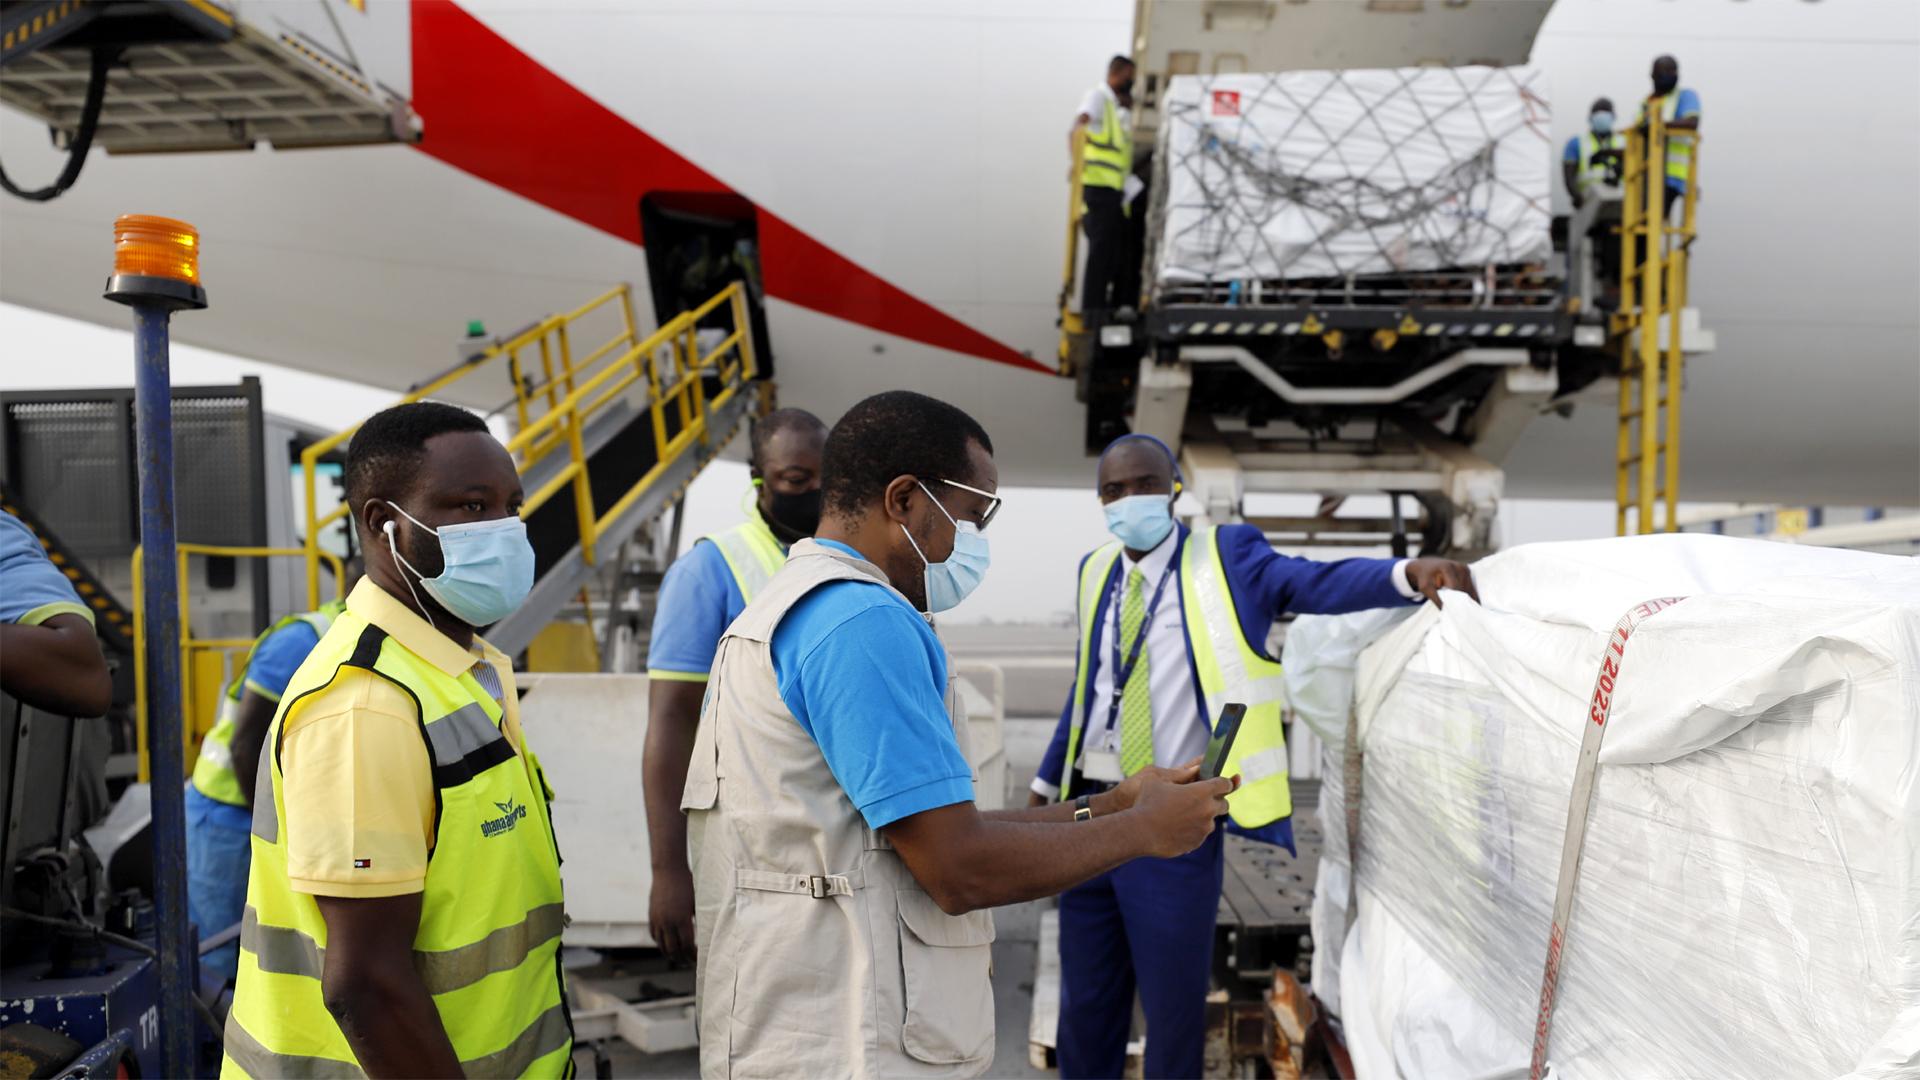 Am 24. Februar 2021 landete ein Flugzeug mit der ersten Lieferung von 600.000 Covid-19-Impfstoffen auf dem Flughafen in Accra/Ghana.